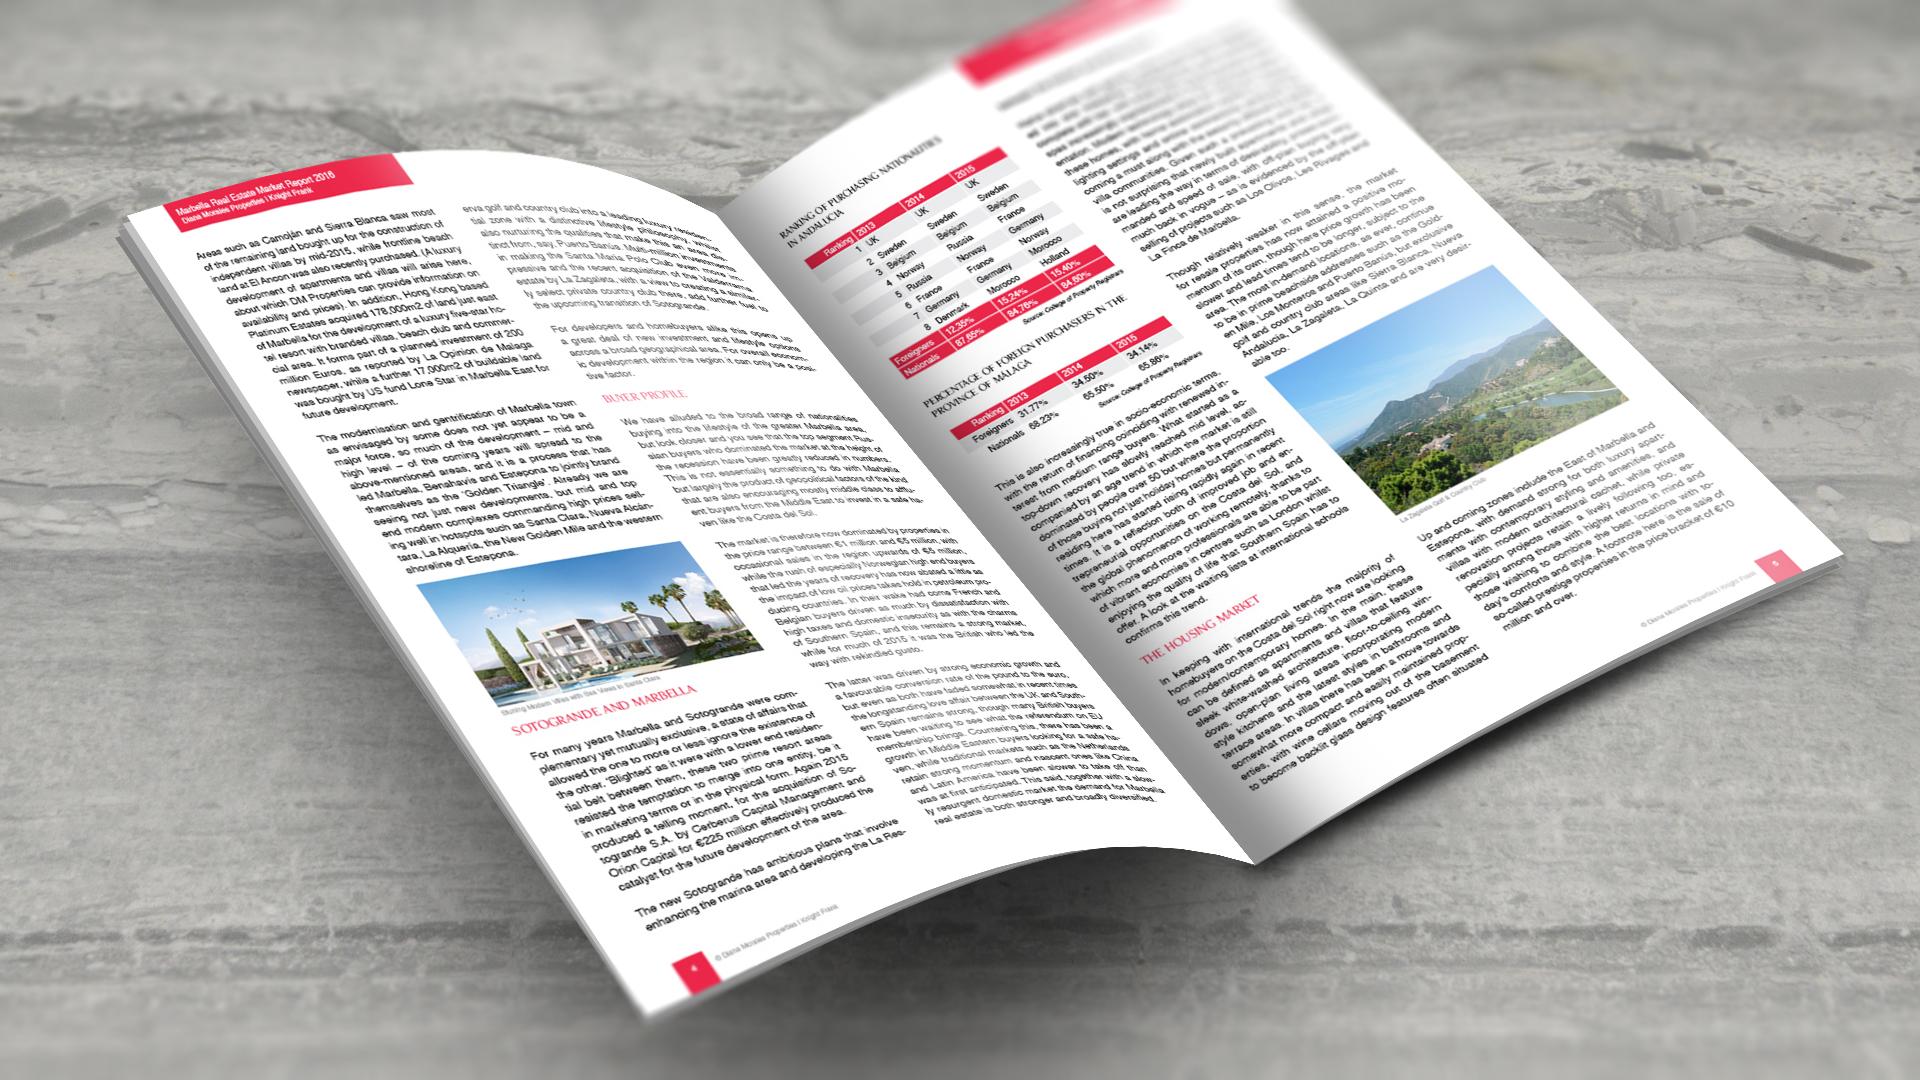 DM Properties | Knight Frank Immobilienmarktbericht für Marbella 2016